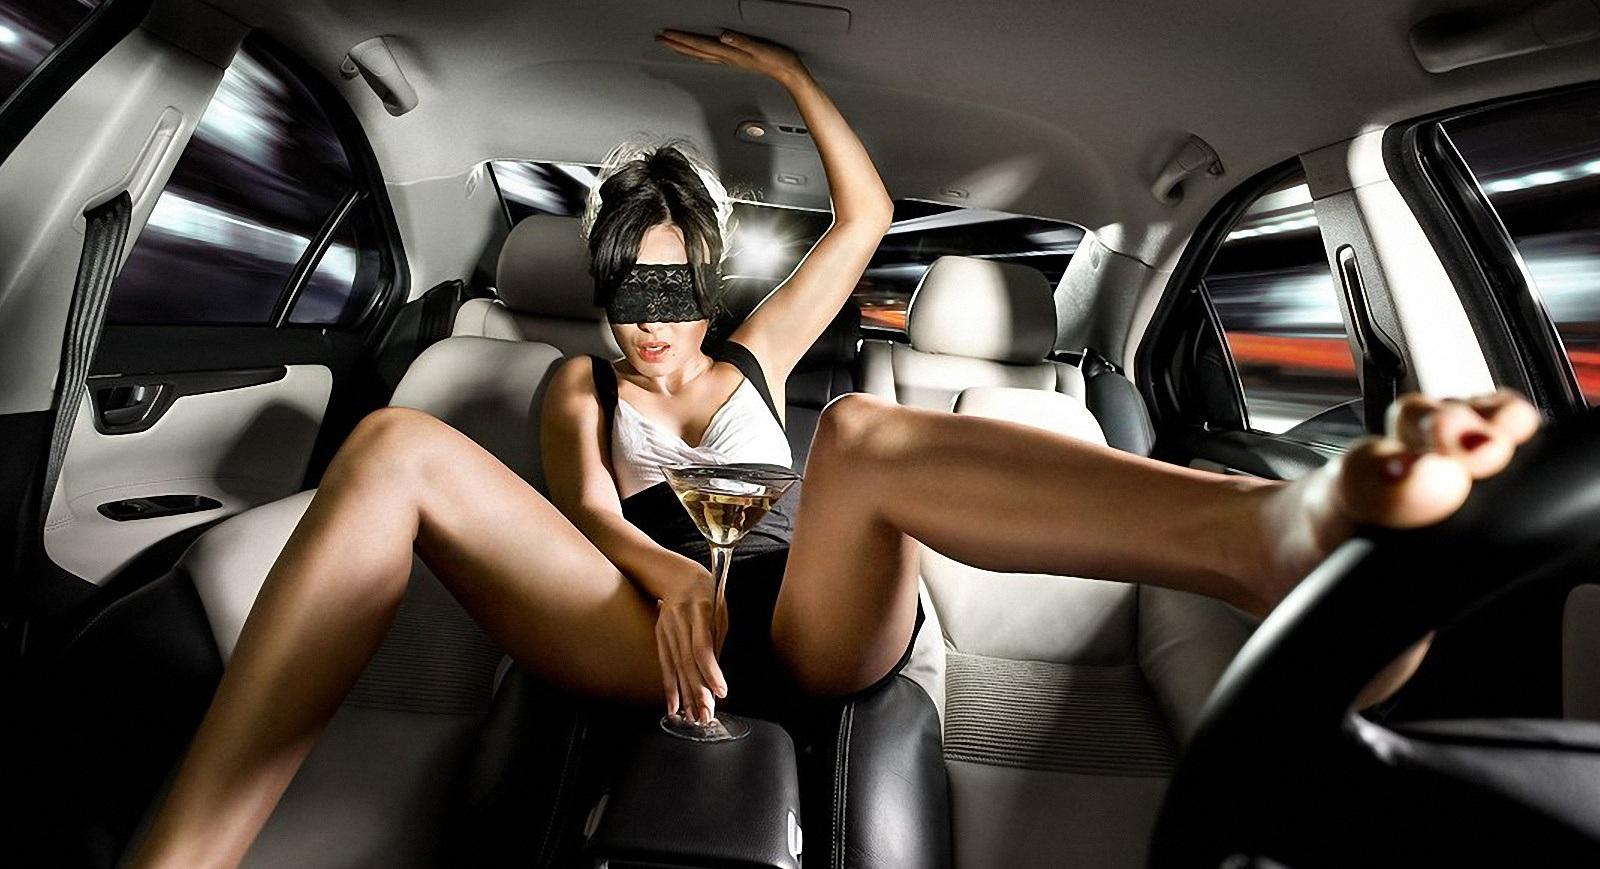 Хозяйка водитель секс, Накаченный водитель трахает свою хозяйку в машине 3 фотография